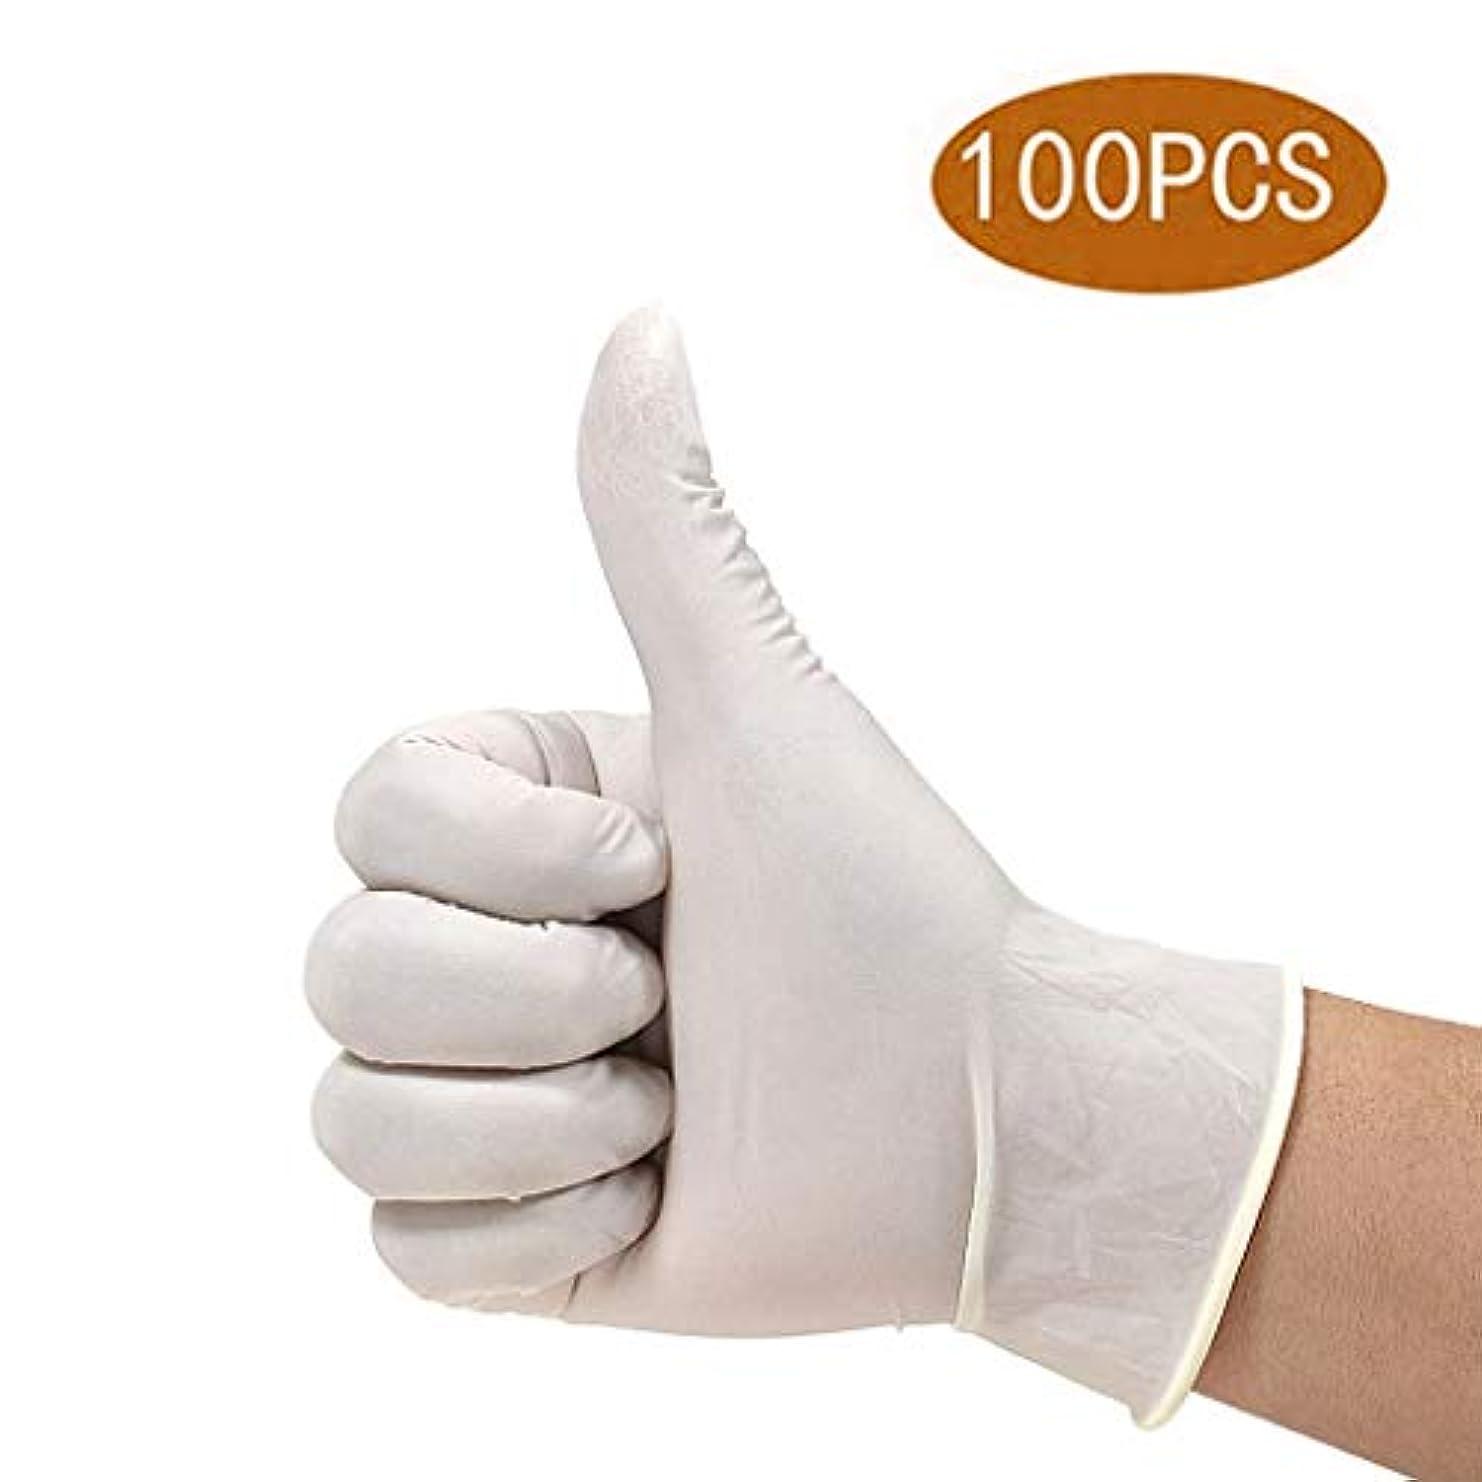 他の場所近代化不確実使い捨て手袋ラテックスプラスチック保護洗浄野菜タトゥー家庭用医療肥厚耐久性タトゥー検査実験タトゥー保護ゴム、(100個/箱) (Size : L)